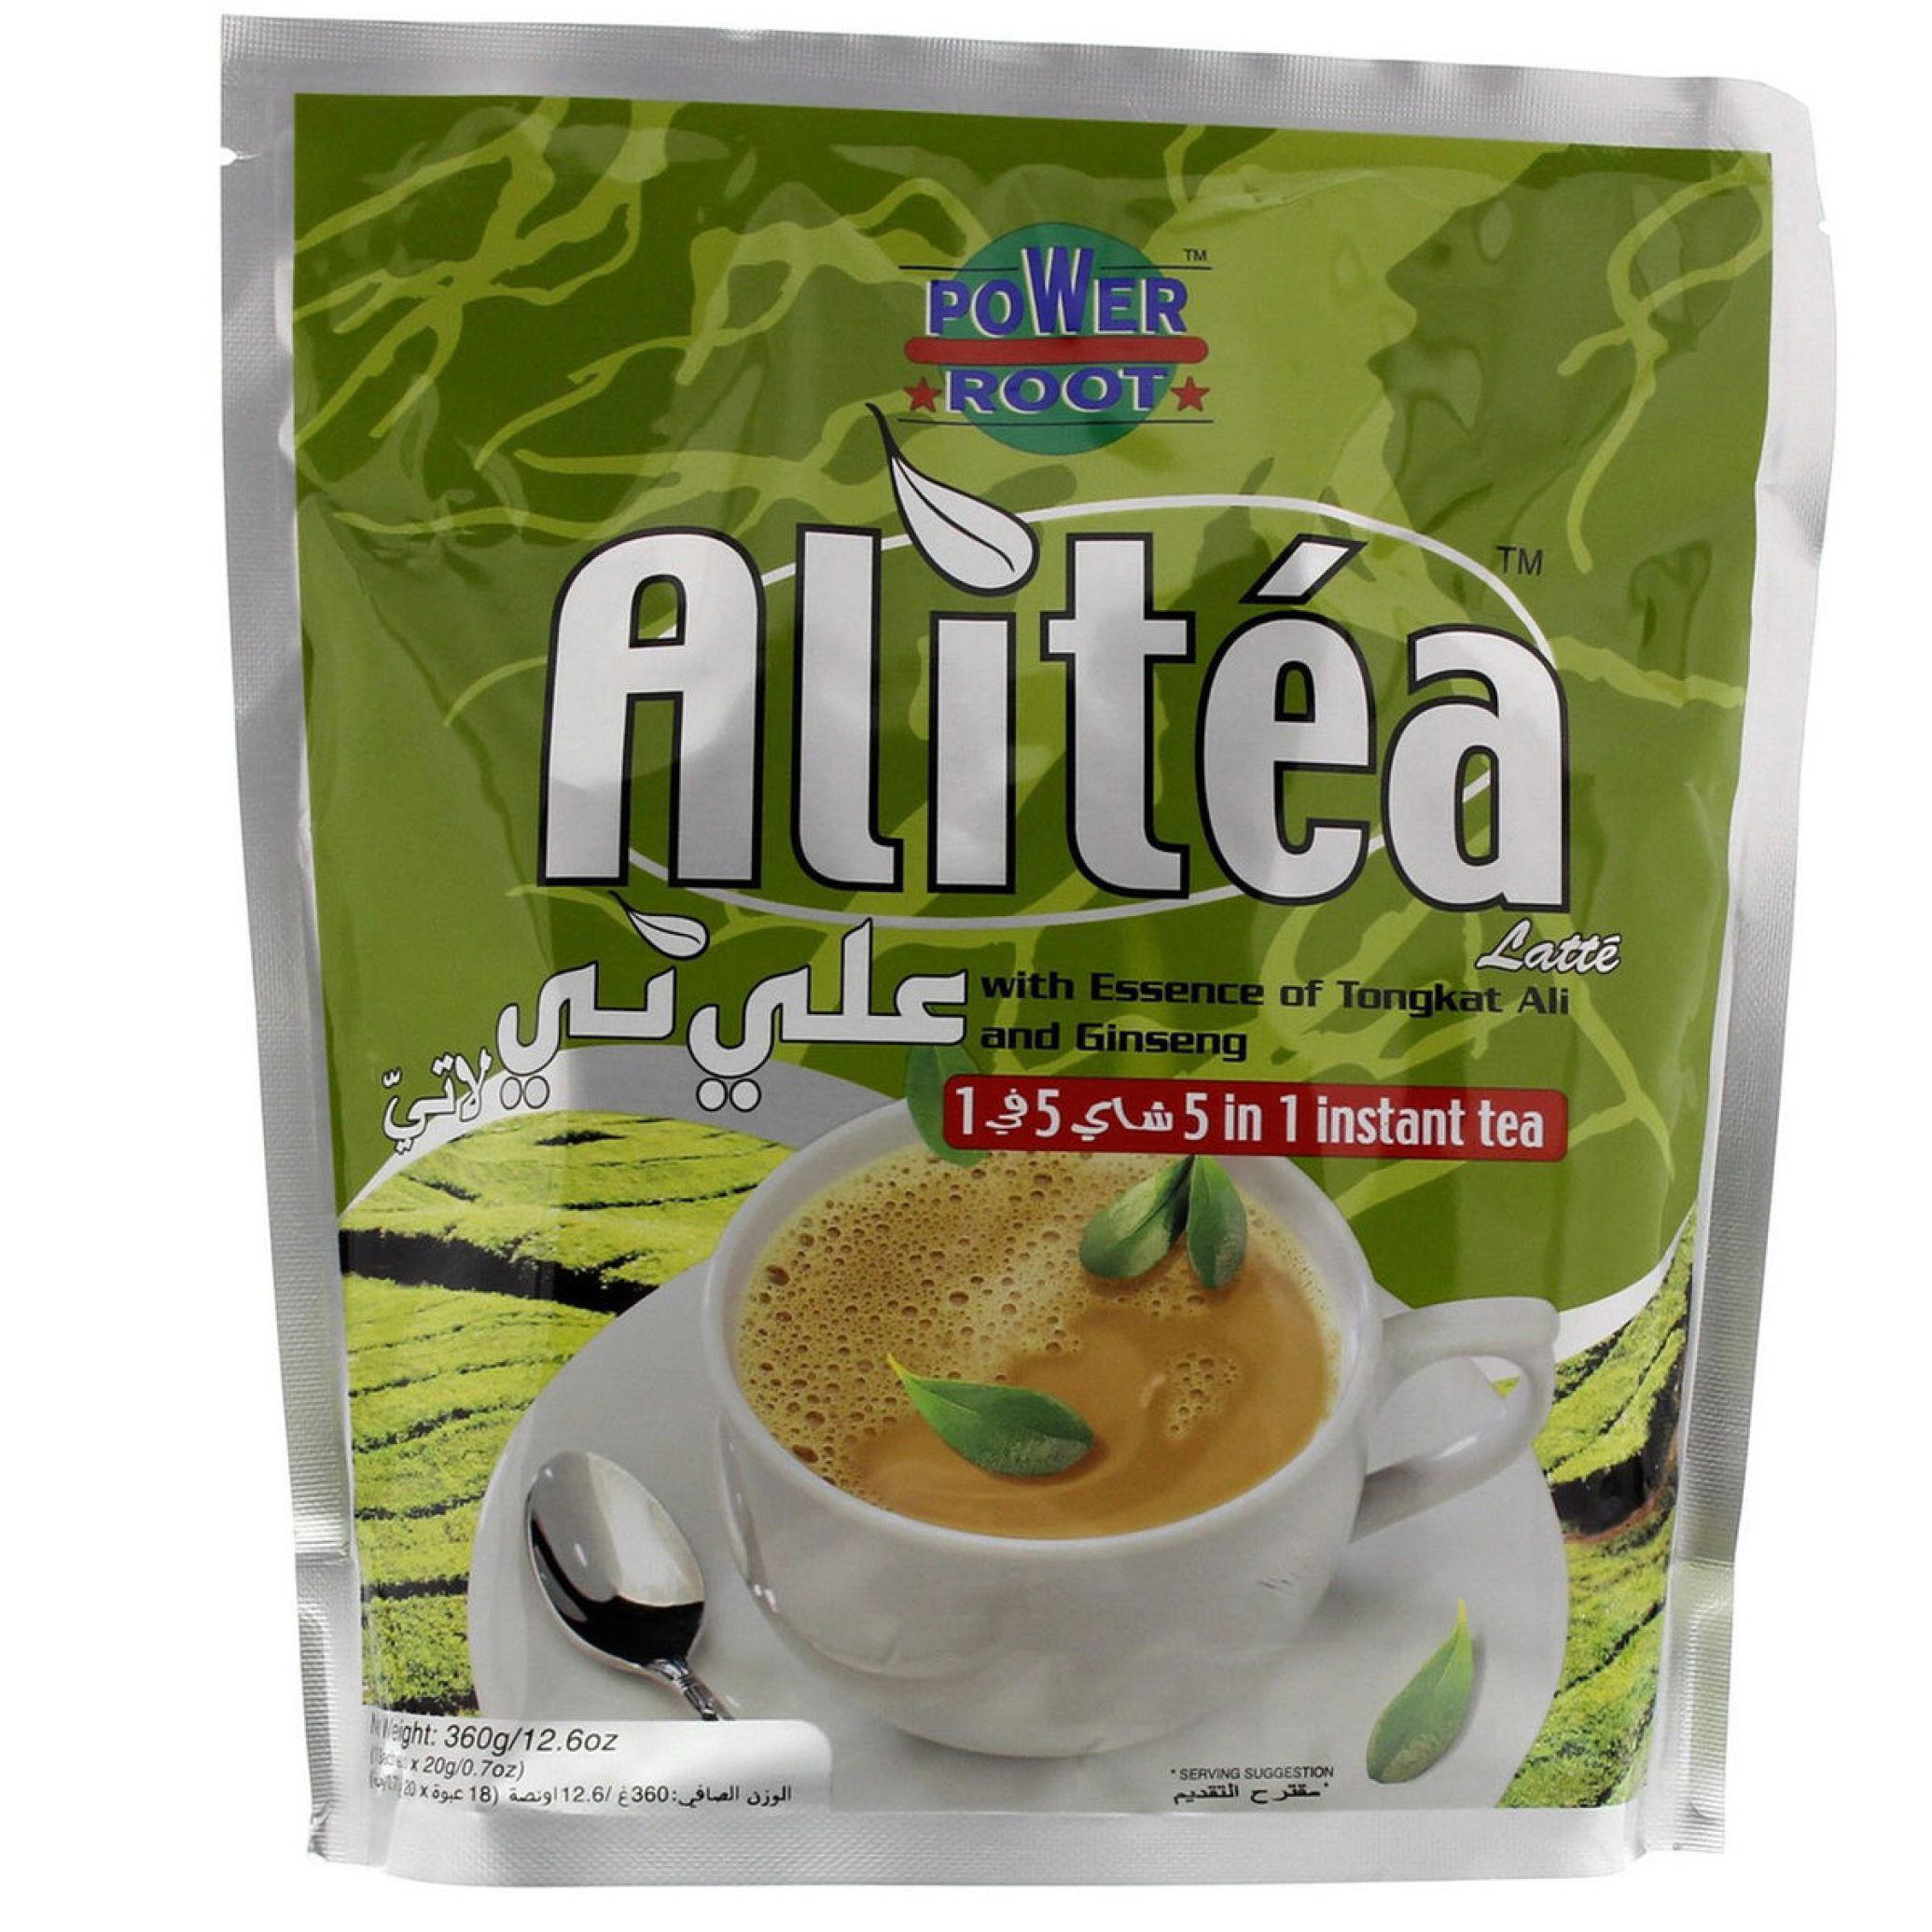 خرید انلاین قهوه چای دمنوش گیاهی علی تی در وجیسنک شیر چایی 5 در 1 با عصاره جنسینگ فروشگاه اینترنتی خشکبار دمنوش قهوه